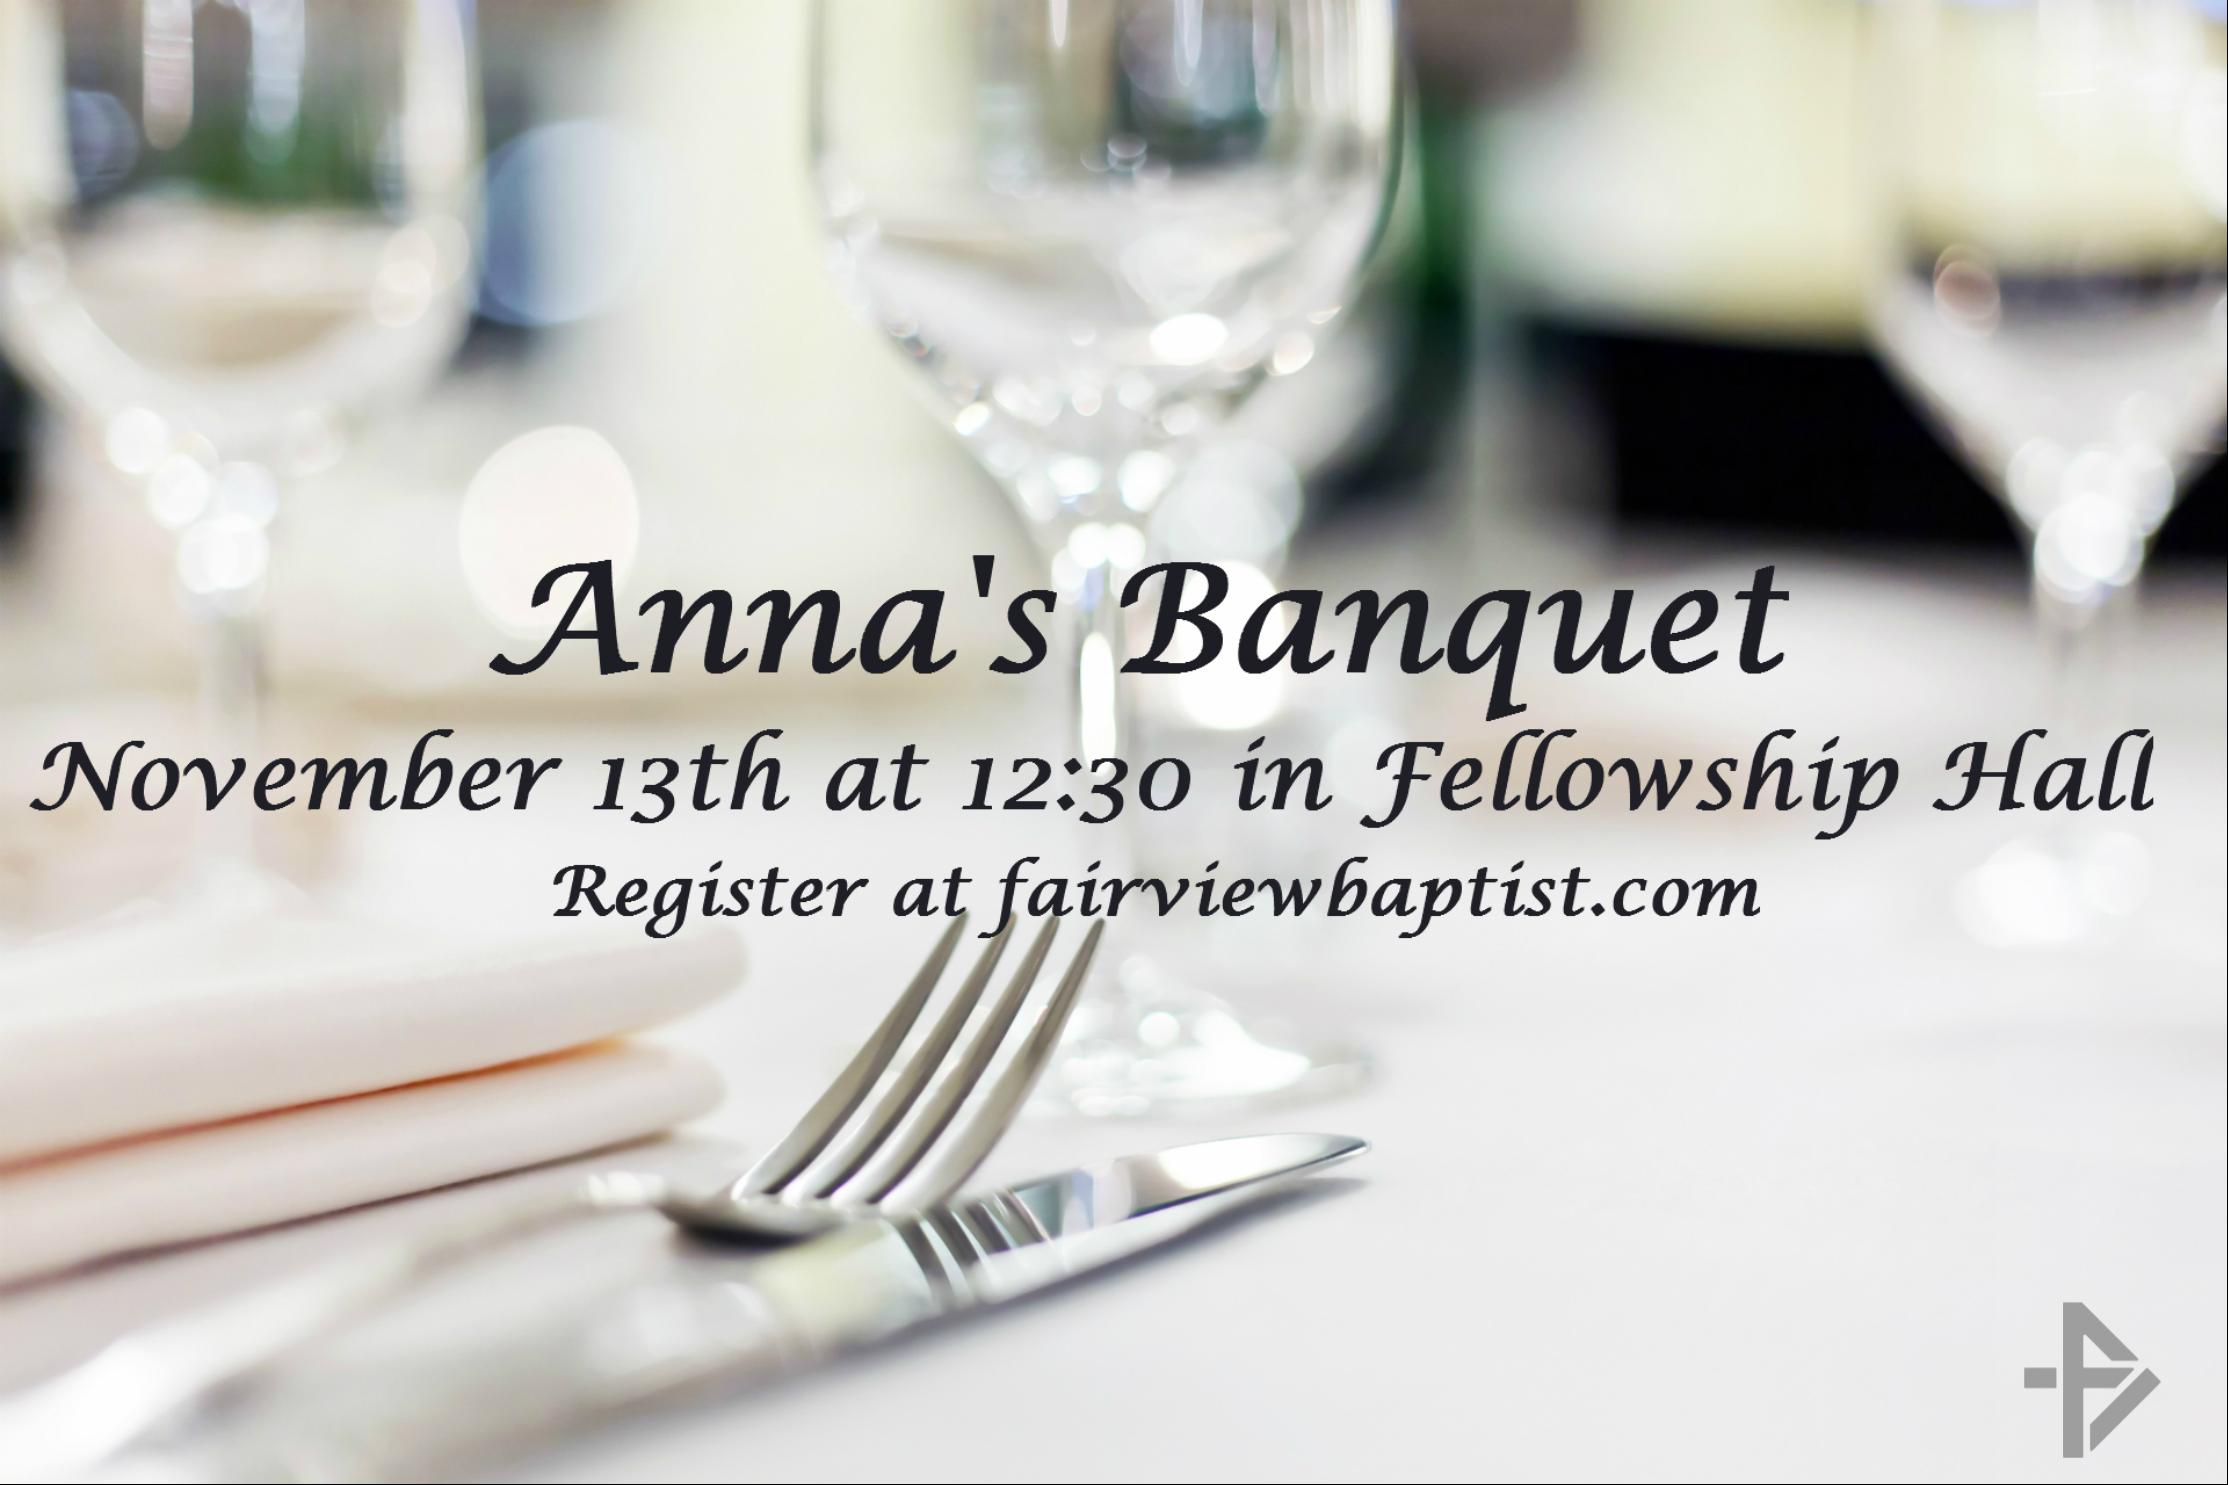 Anna s banquet slide